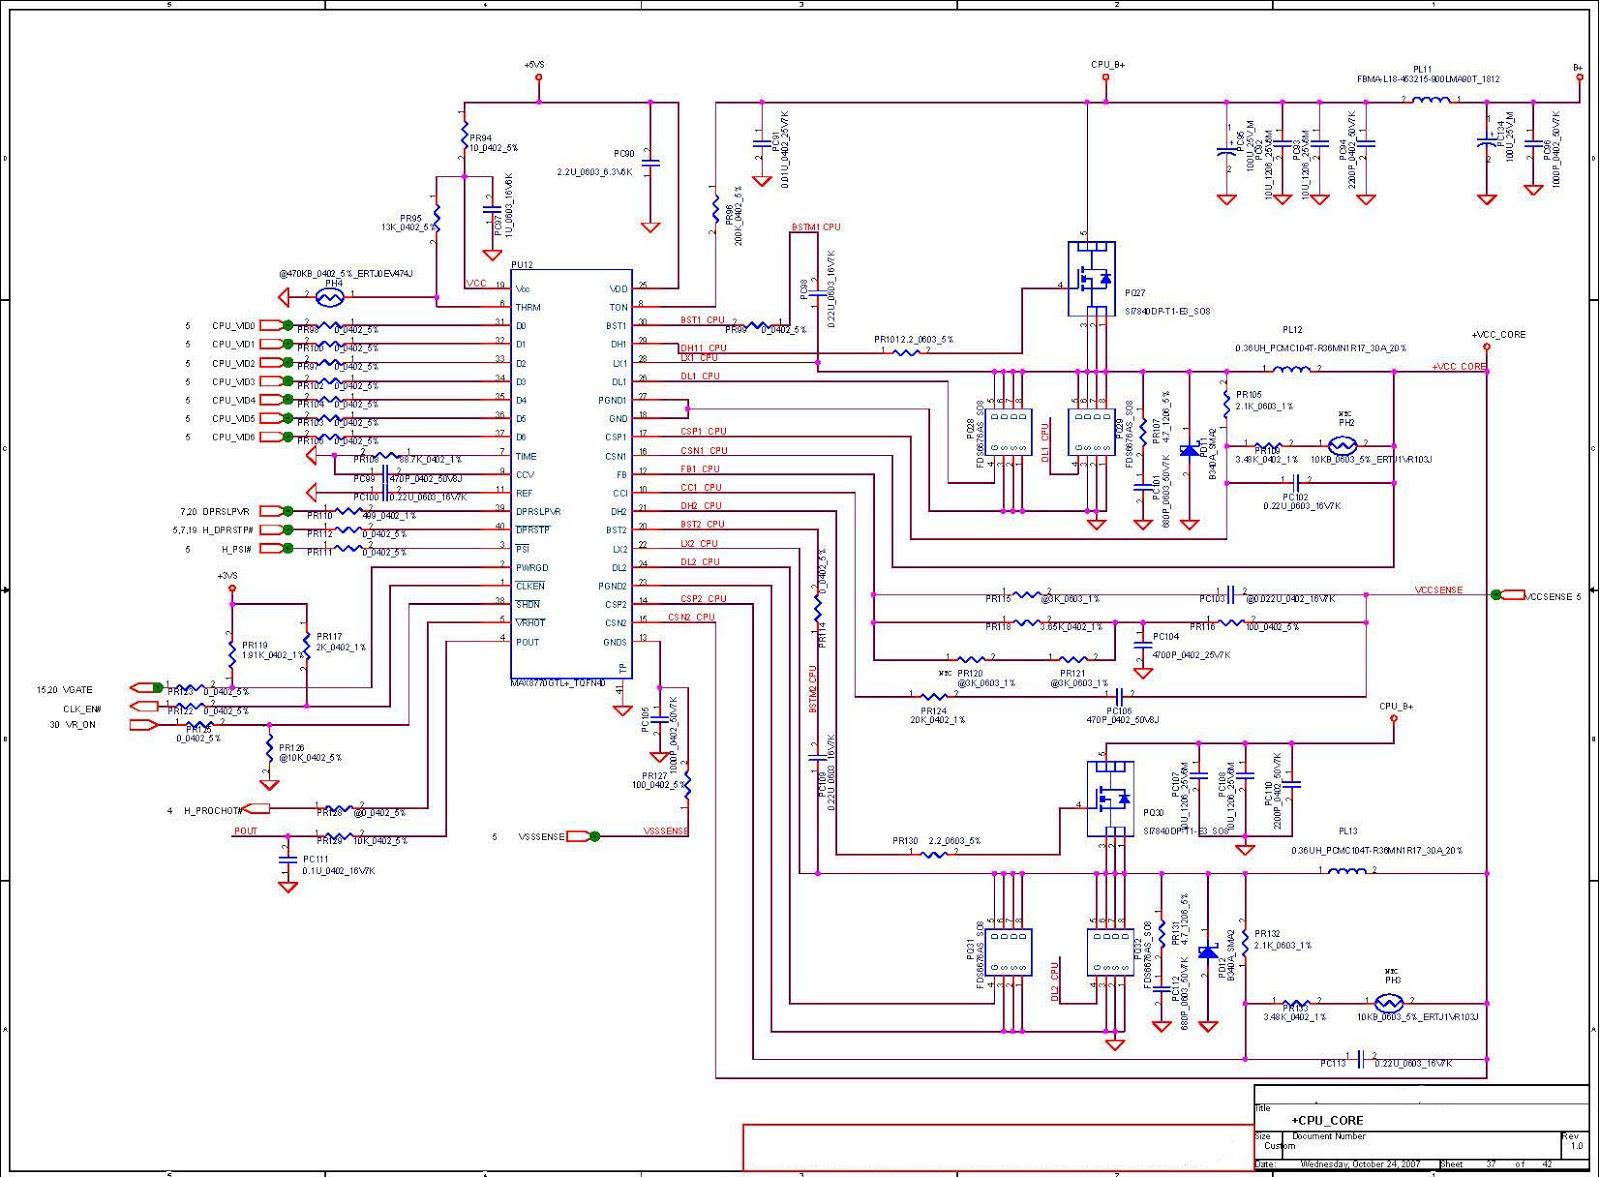 nxshield m schematic the wiring diagram arbotix m schematic vidim wiring diagram schematic